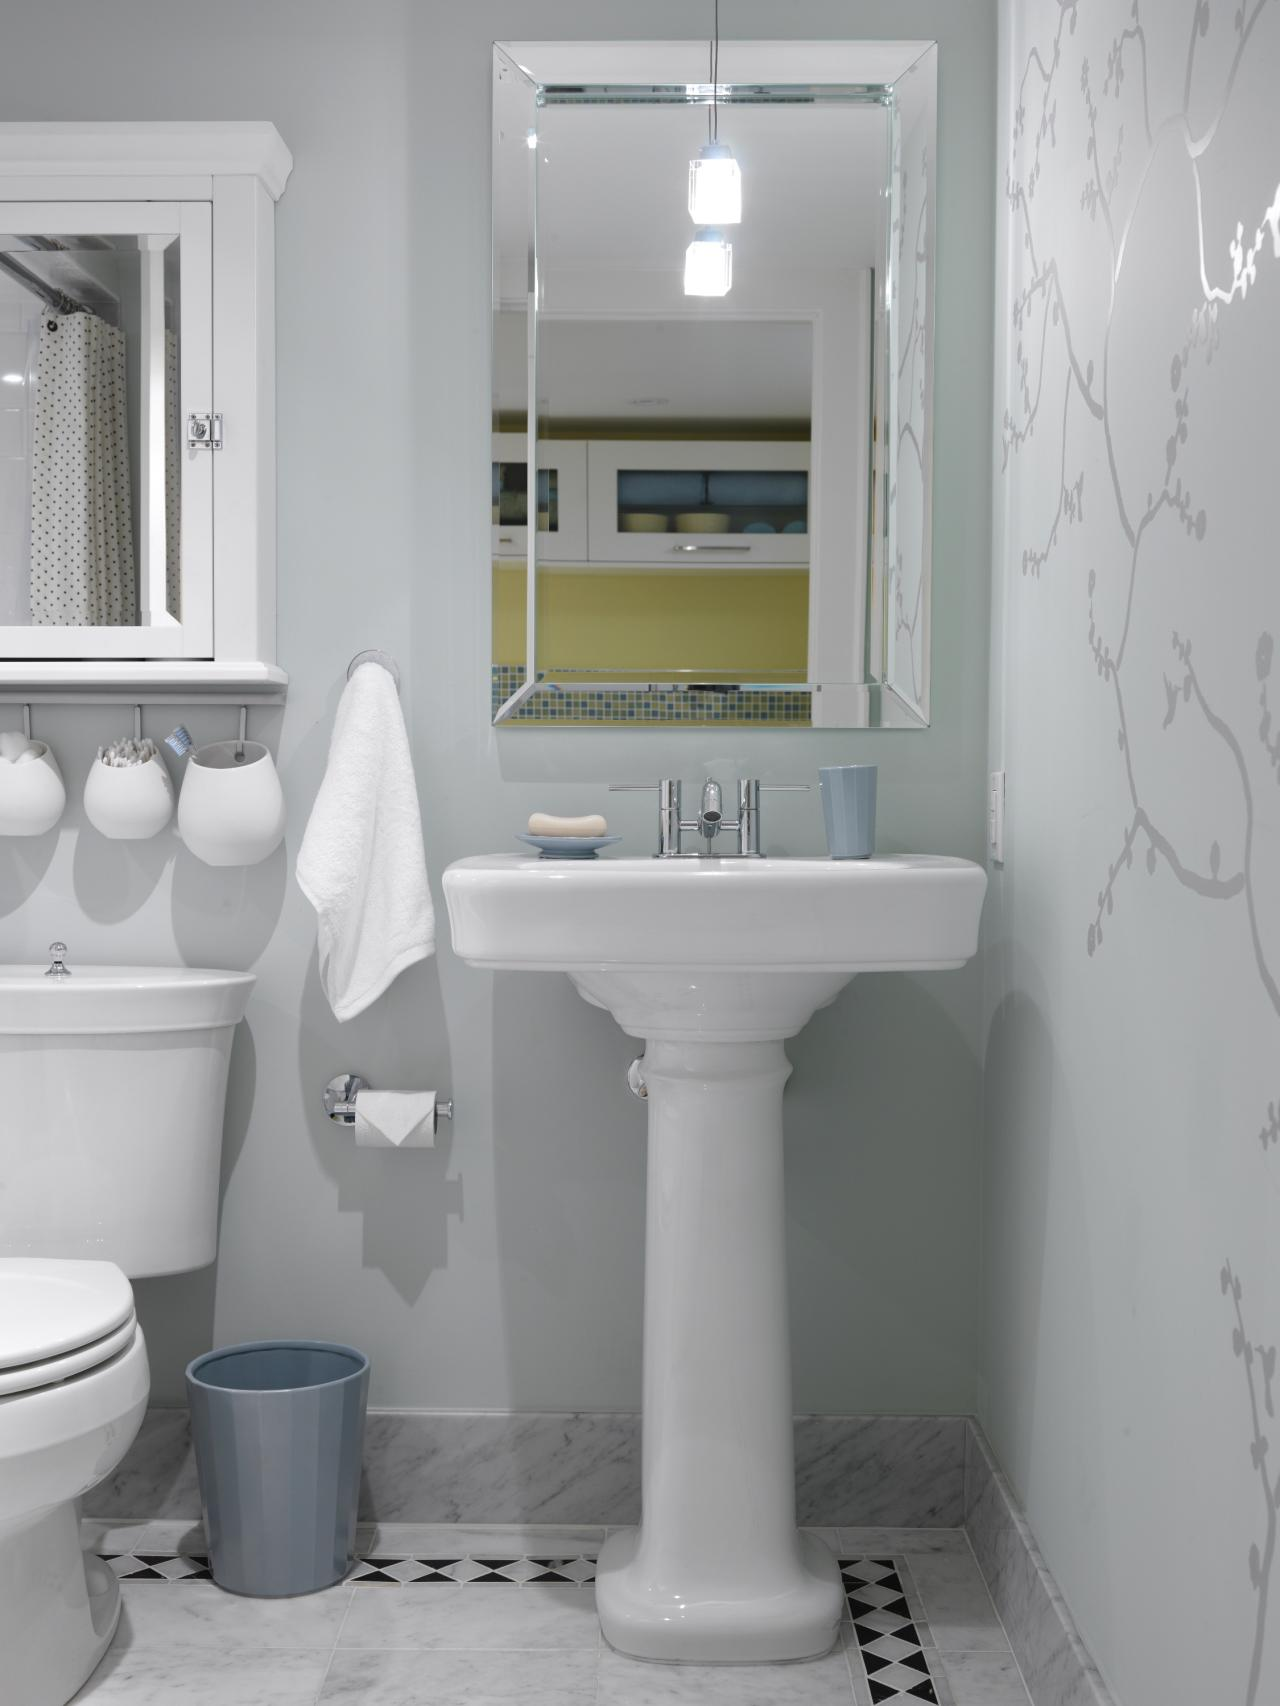 Kako da kupatilo uvek bude čisto i u funkciji